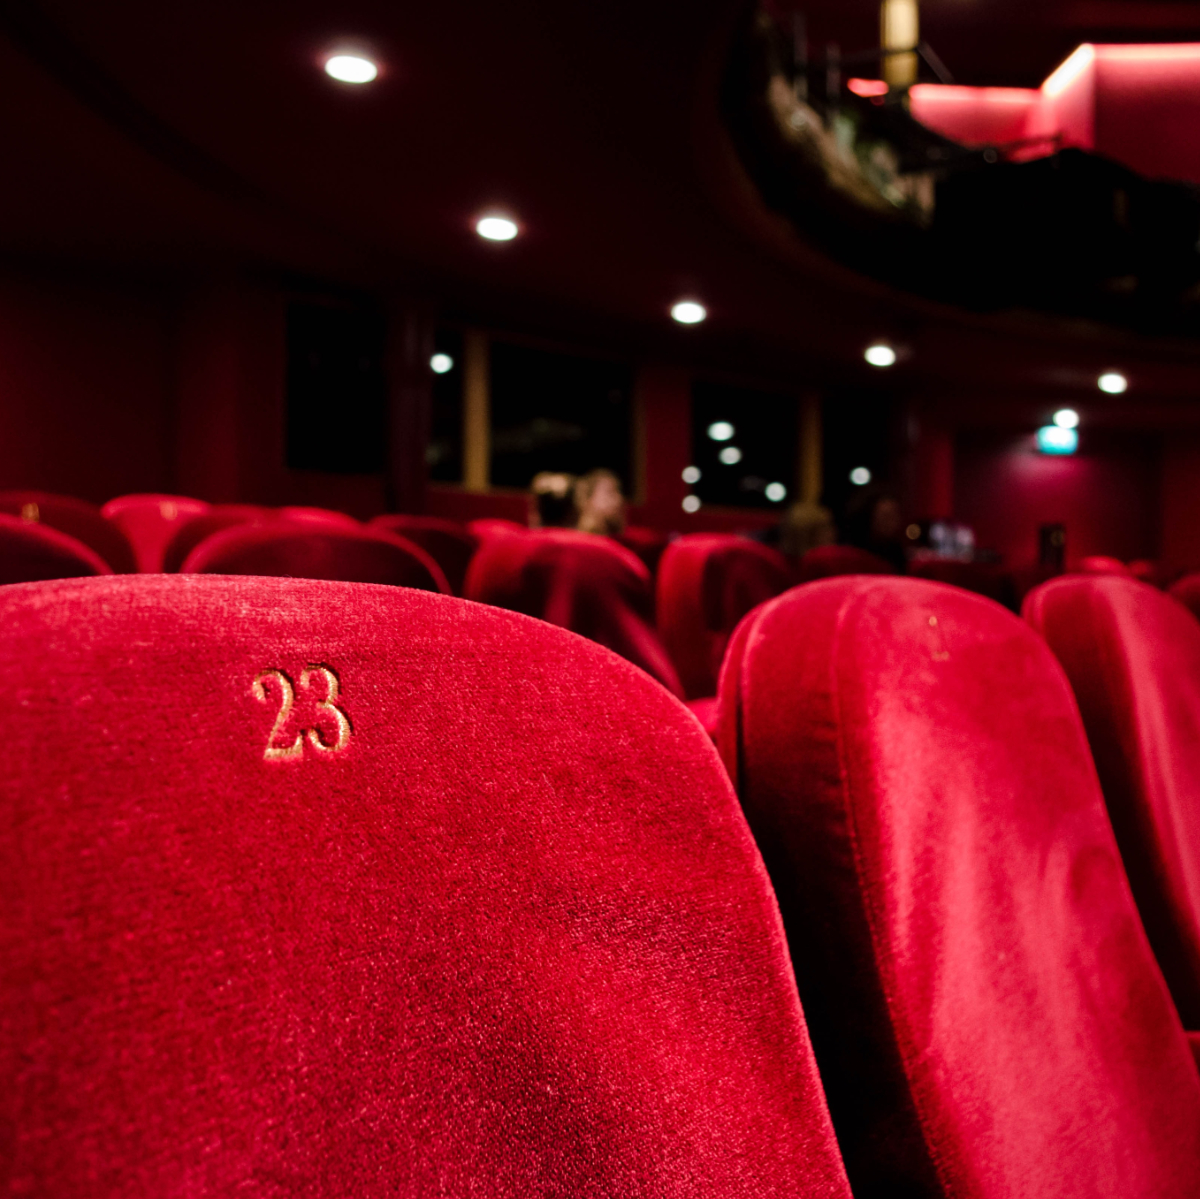 Die schoensten Kinos in Zuerich